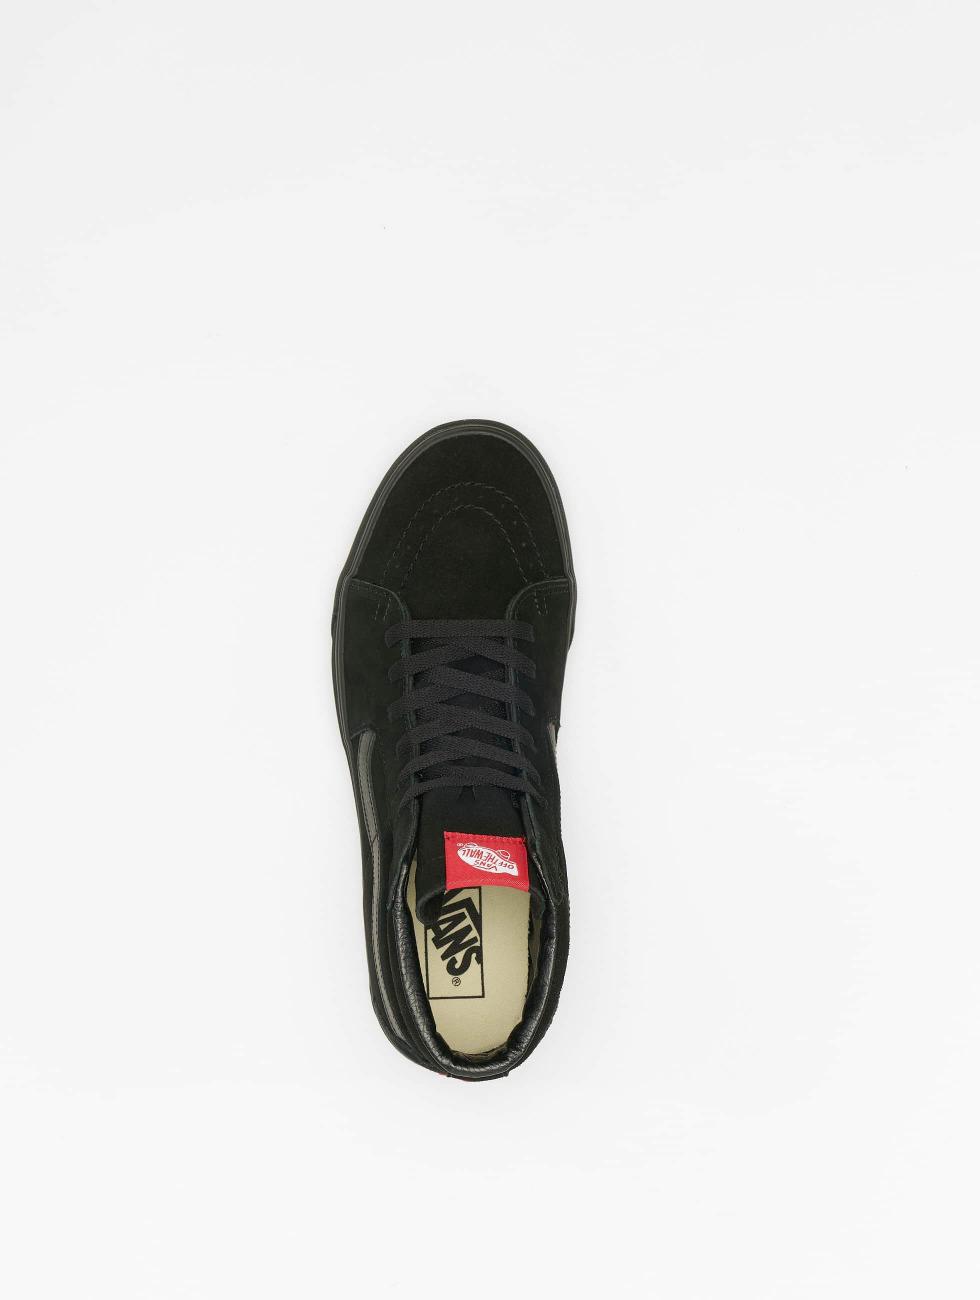 Goedkope Koop Authentieke Vans schoen / sneaker Sk8-Hi in zwart 12906 Goedkope Koop Beste Plaats De Grootste Leverancier Voor De Verkoop MOdcE